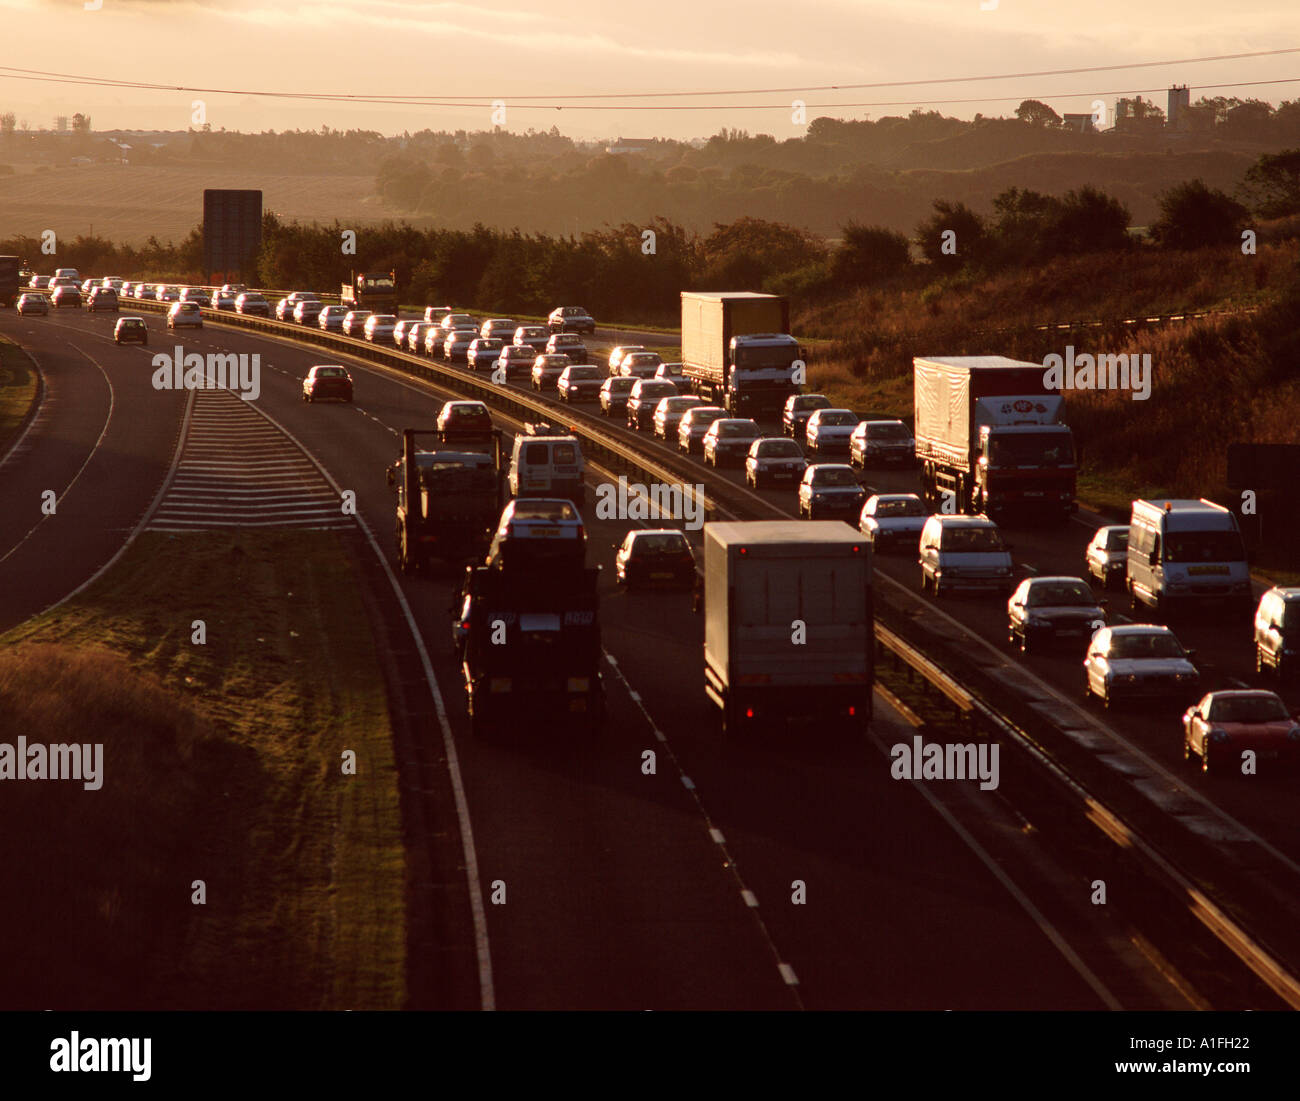 Stau auf der Autobahn Stockbild